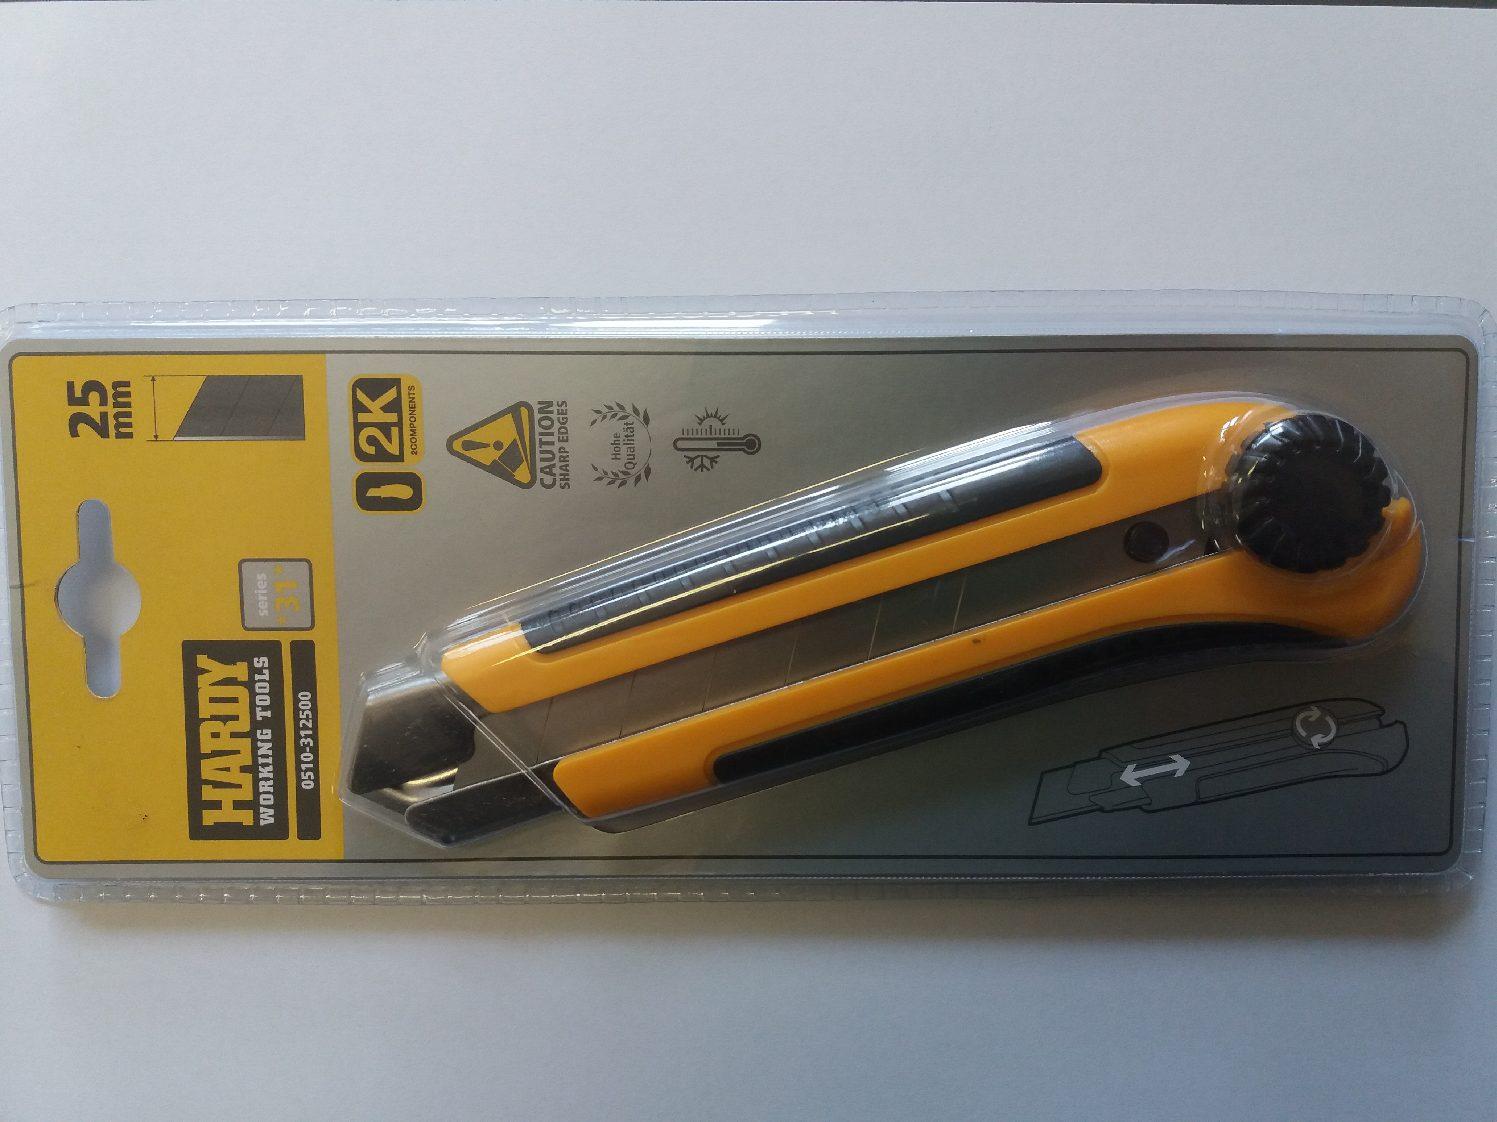 Univerzális kés csavaros, fémkivezetéses, 2K markolat, 25mm